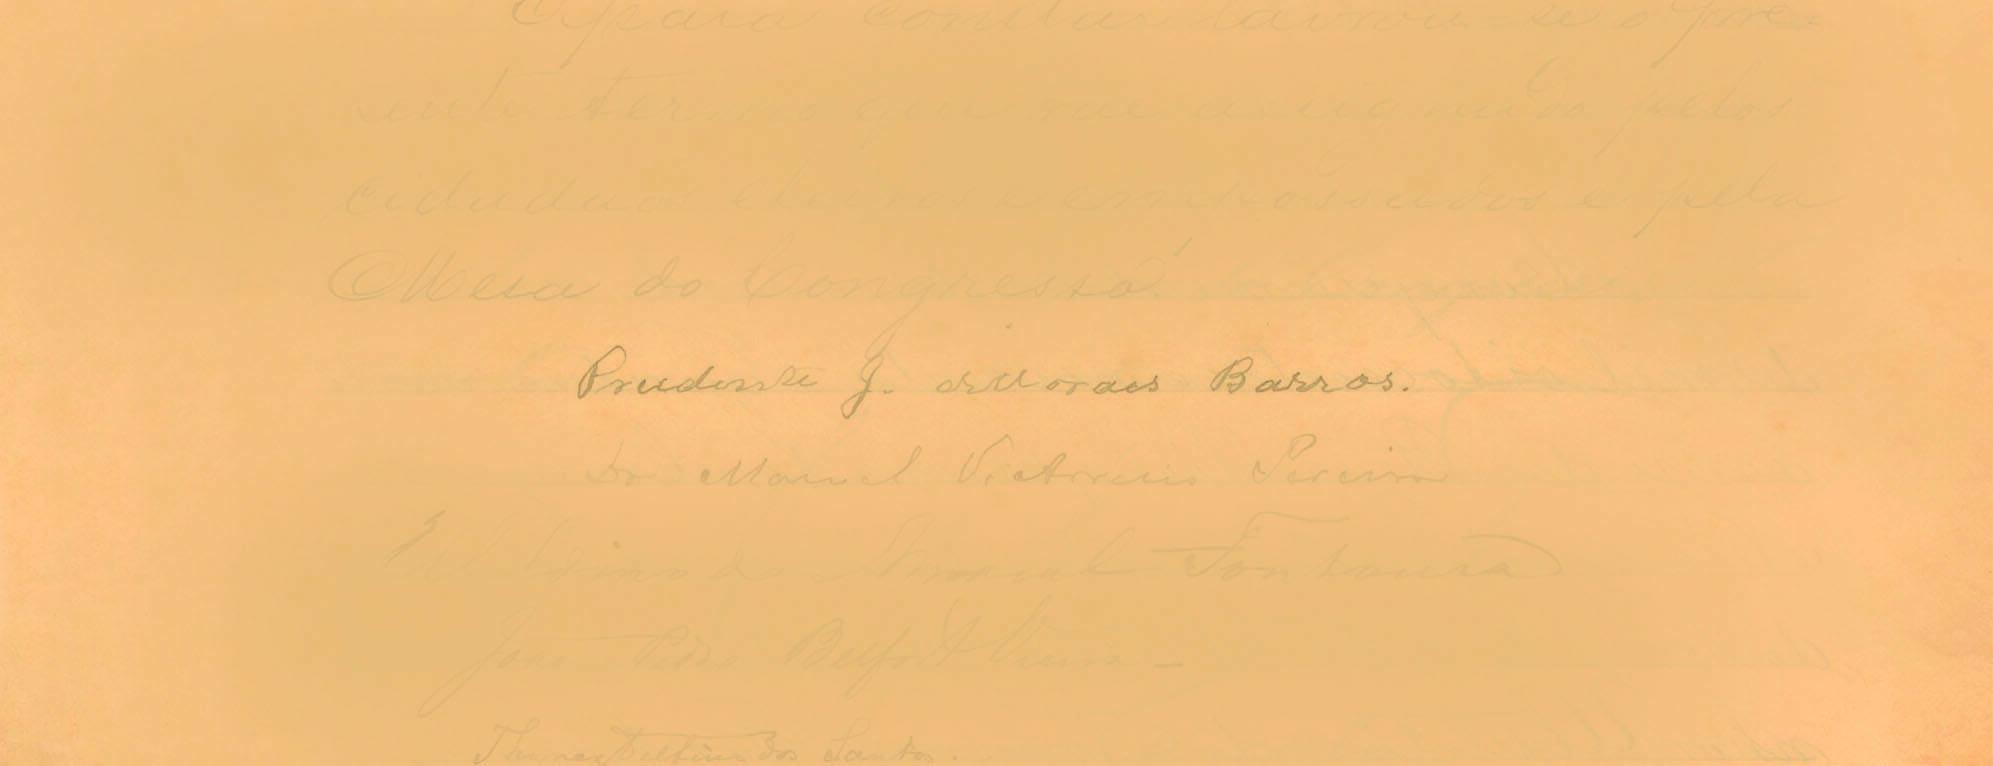 Prudente de Moraes, o primeiro presidente civil. Foto: Reprodução / Senado Federal